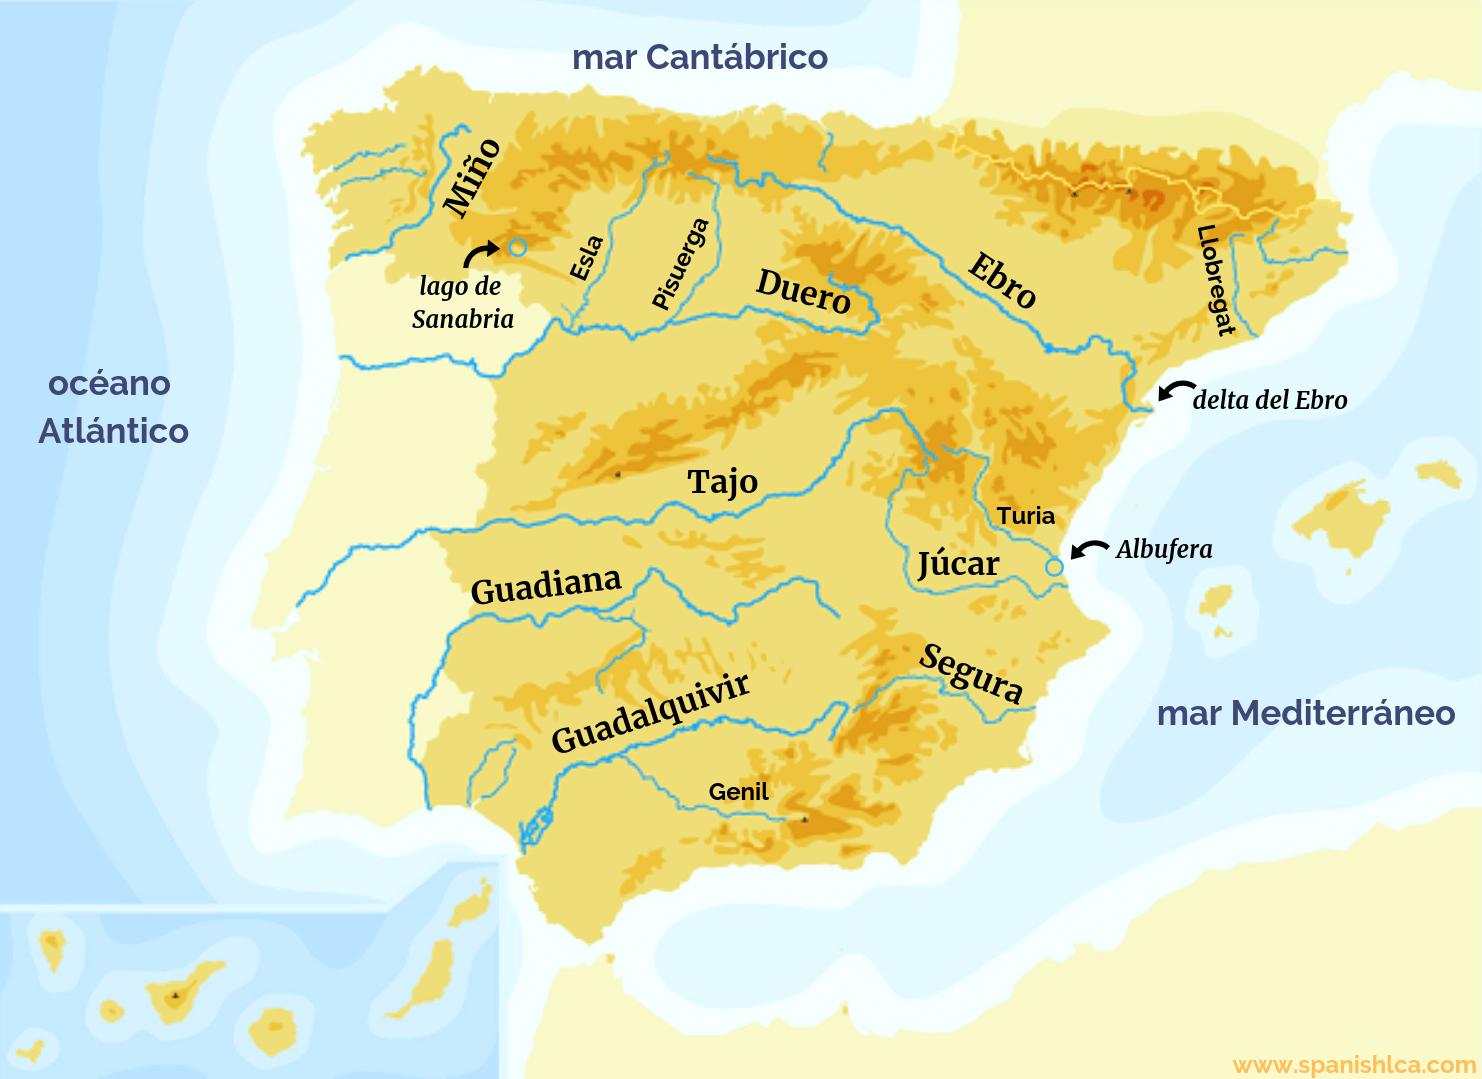 Mapa de los ríos de la península ibérica